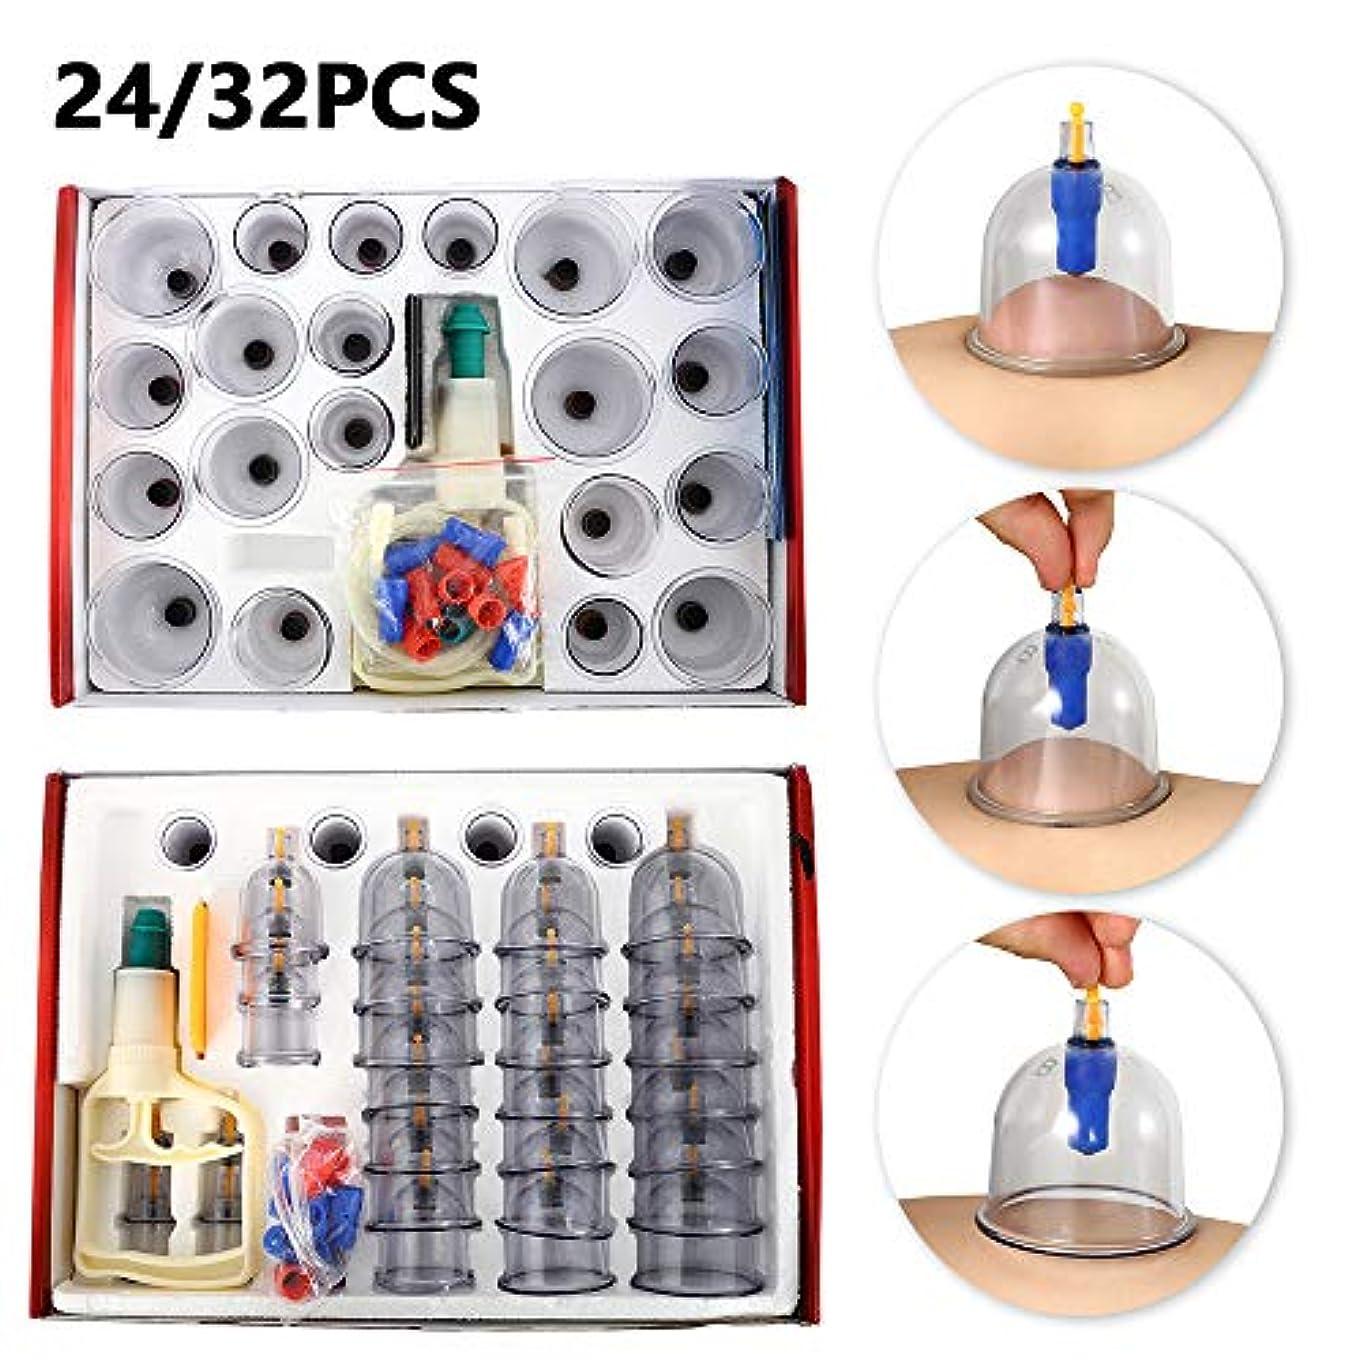 柔らかい価値作るSteppiano カッピング 吸い玉 カッピングカップ 真空カッピング ツボ刺激 血流促進 こり解消 点穴 磁気 刺激 延長チューブ付属 (32セット)